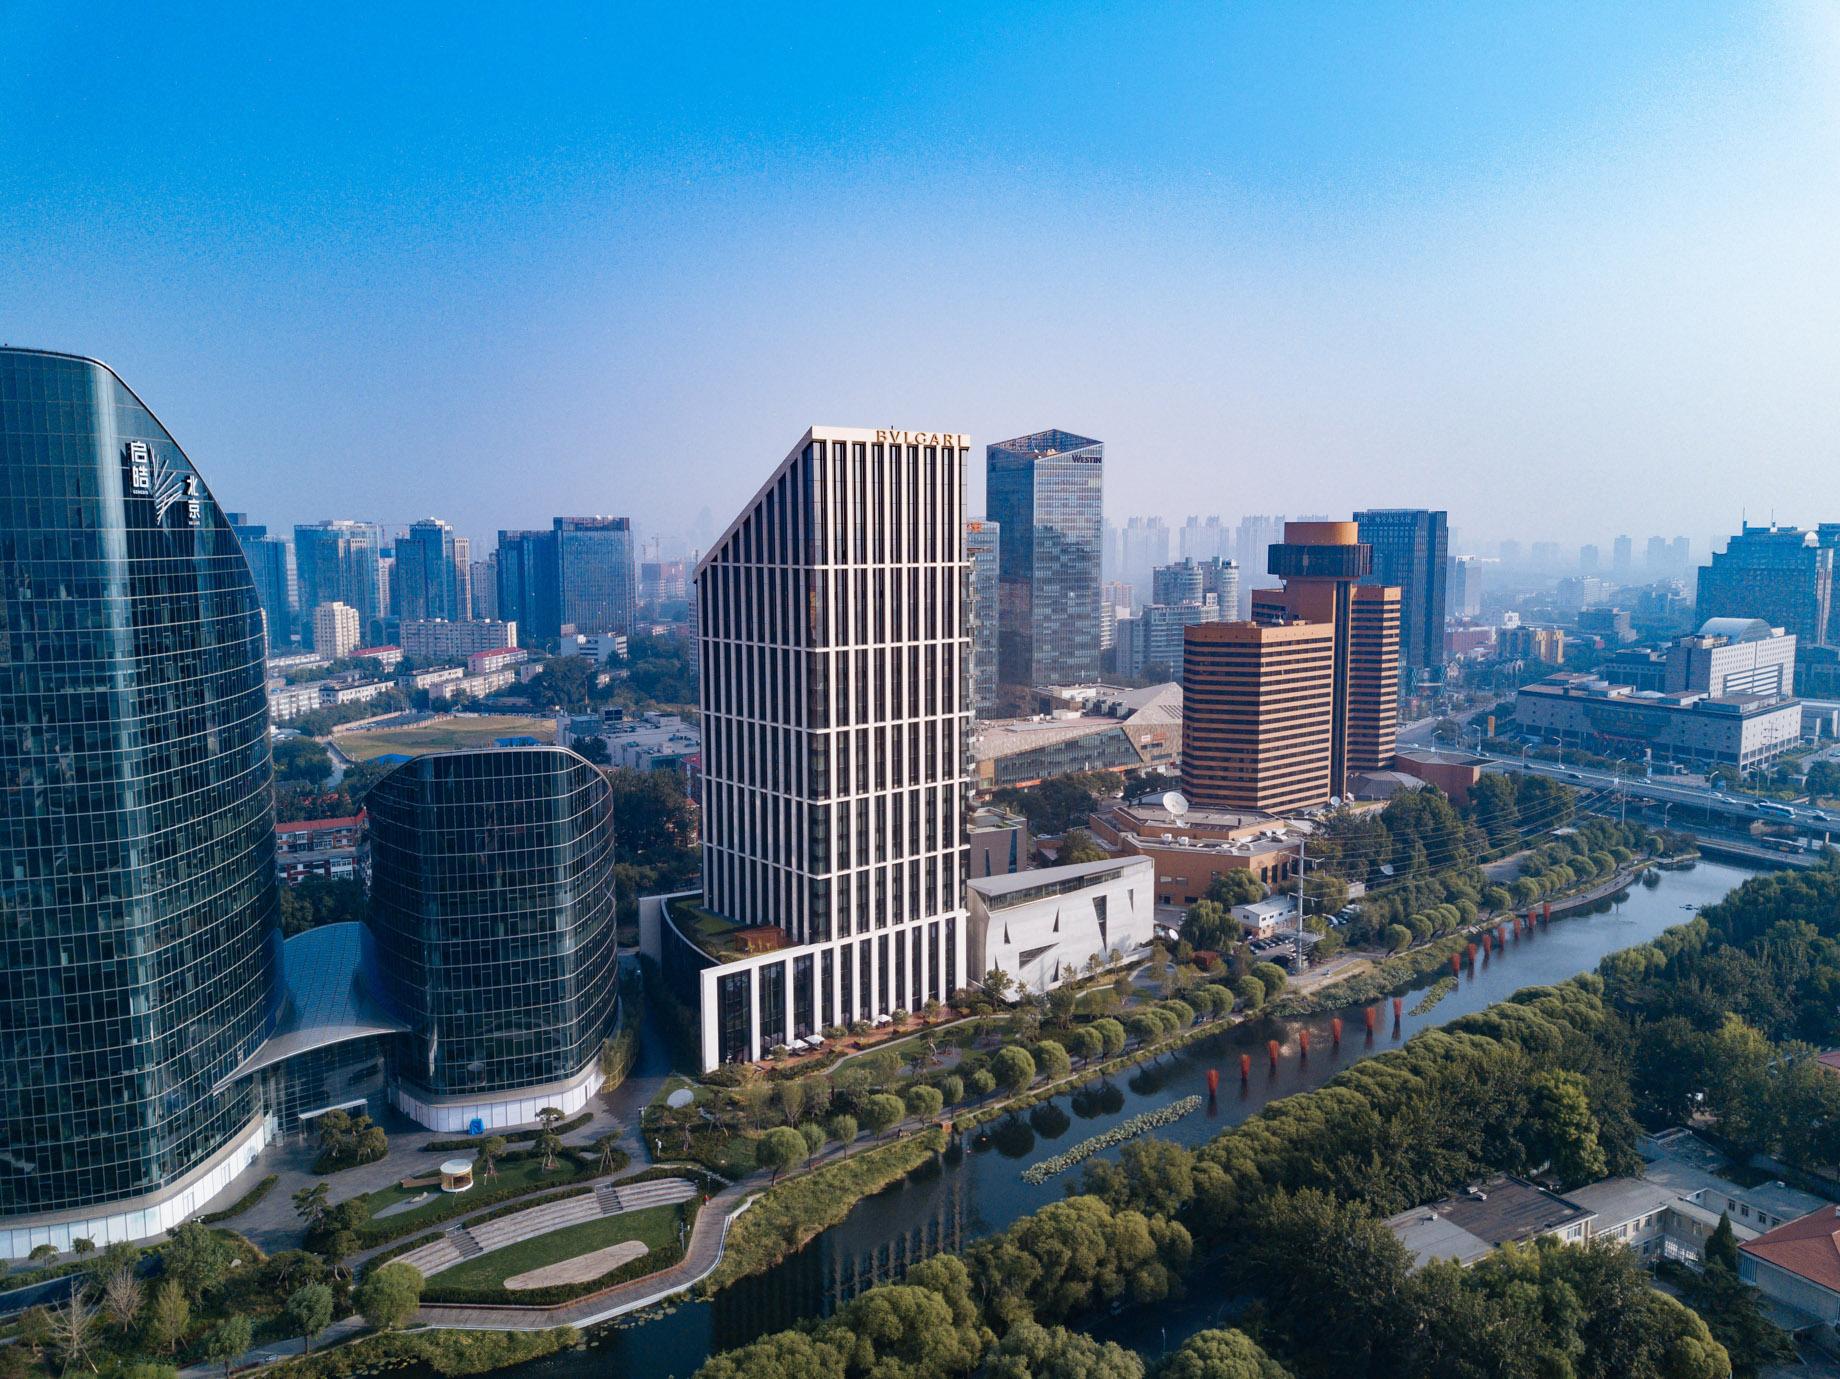 Bvlgari Luxury Hotel Beijing - Beijing, China